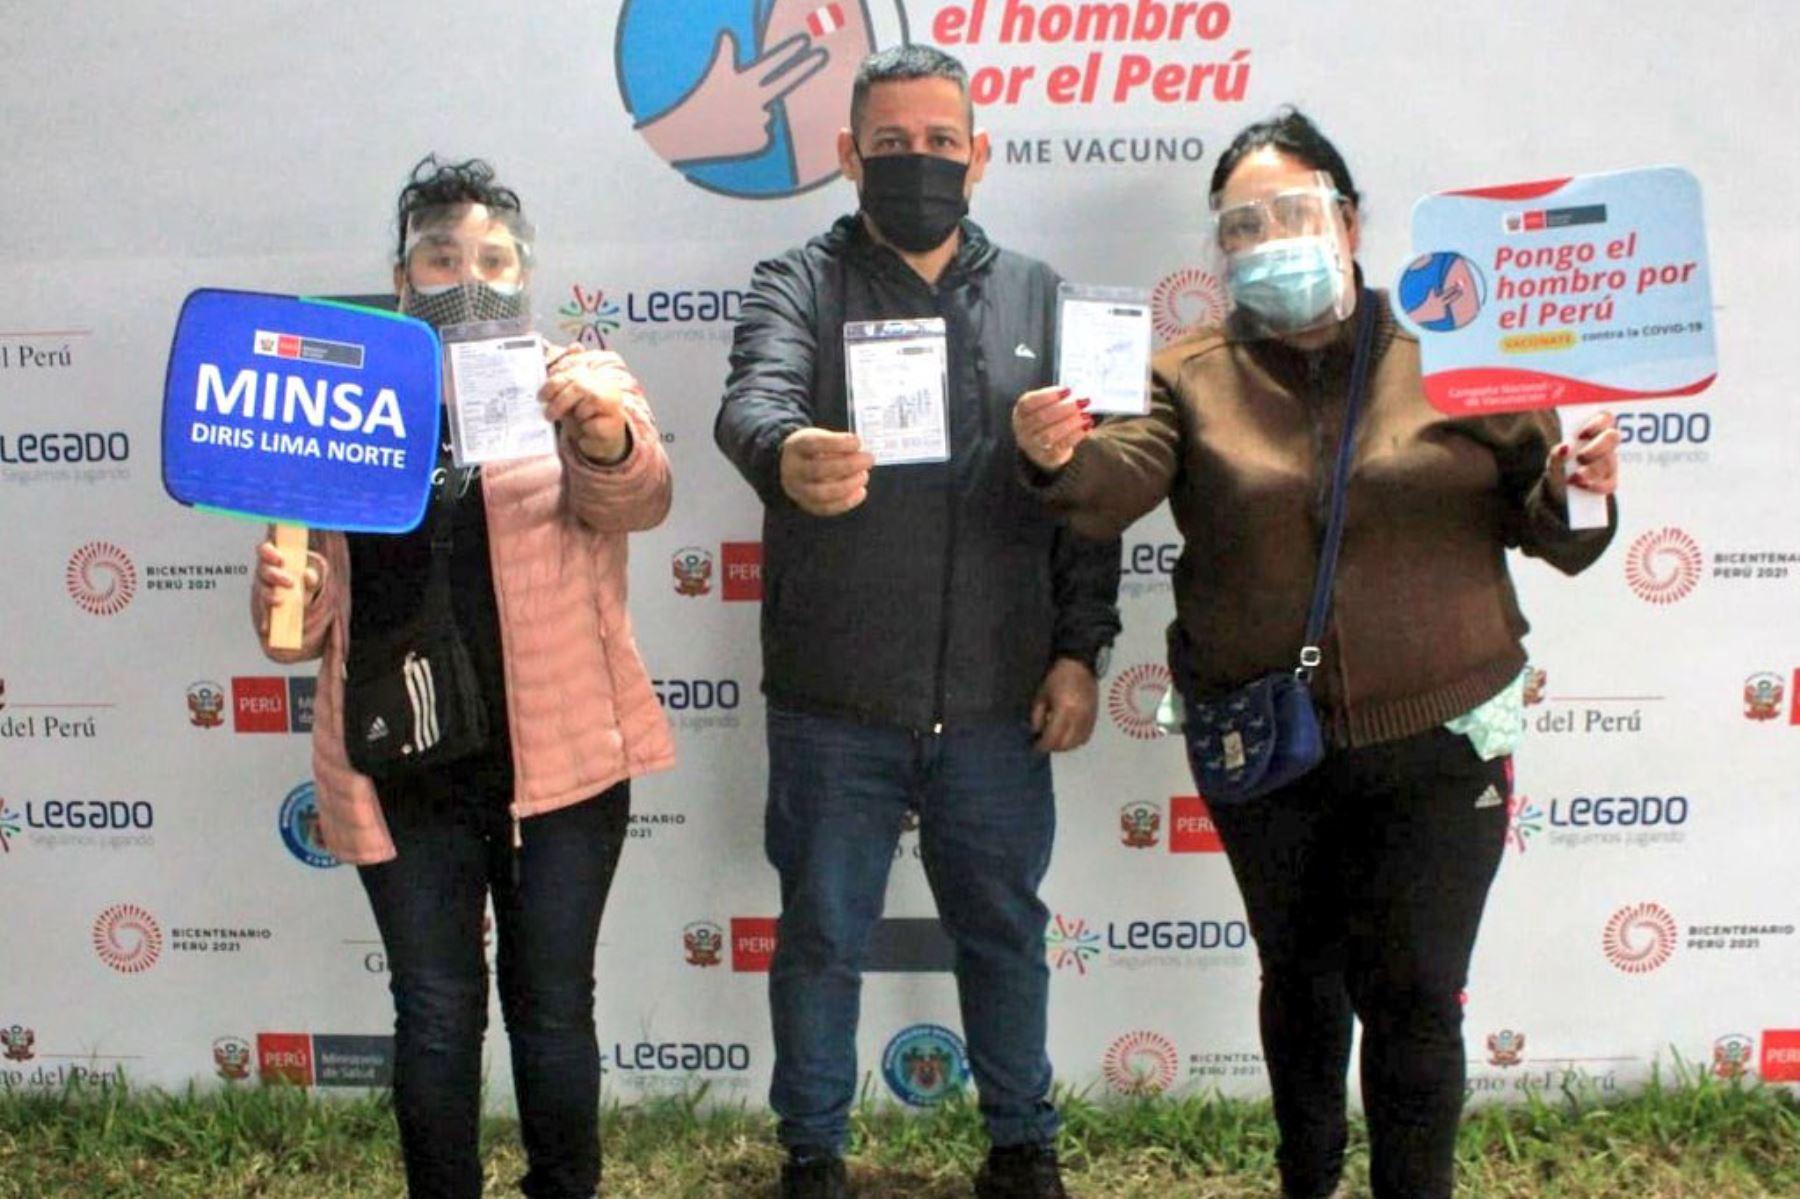 Ministerio de Salud continúa la vacunación contra la covid-19 en el Parque Zonal Sinchi Roca de Comas.  Foto: Minsa